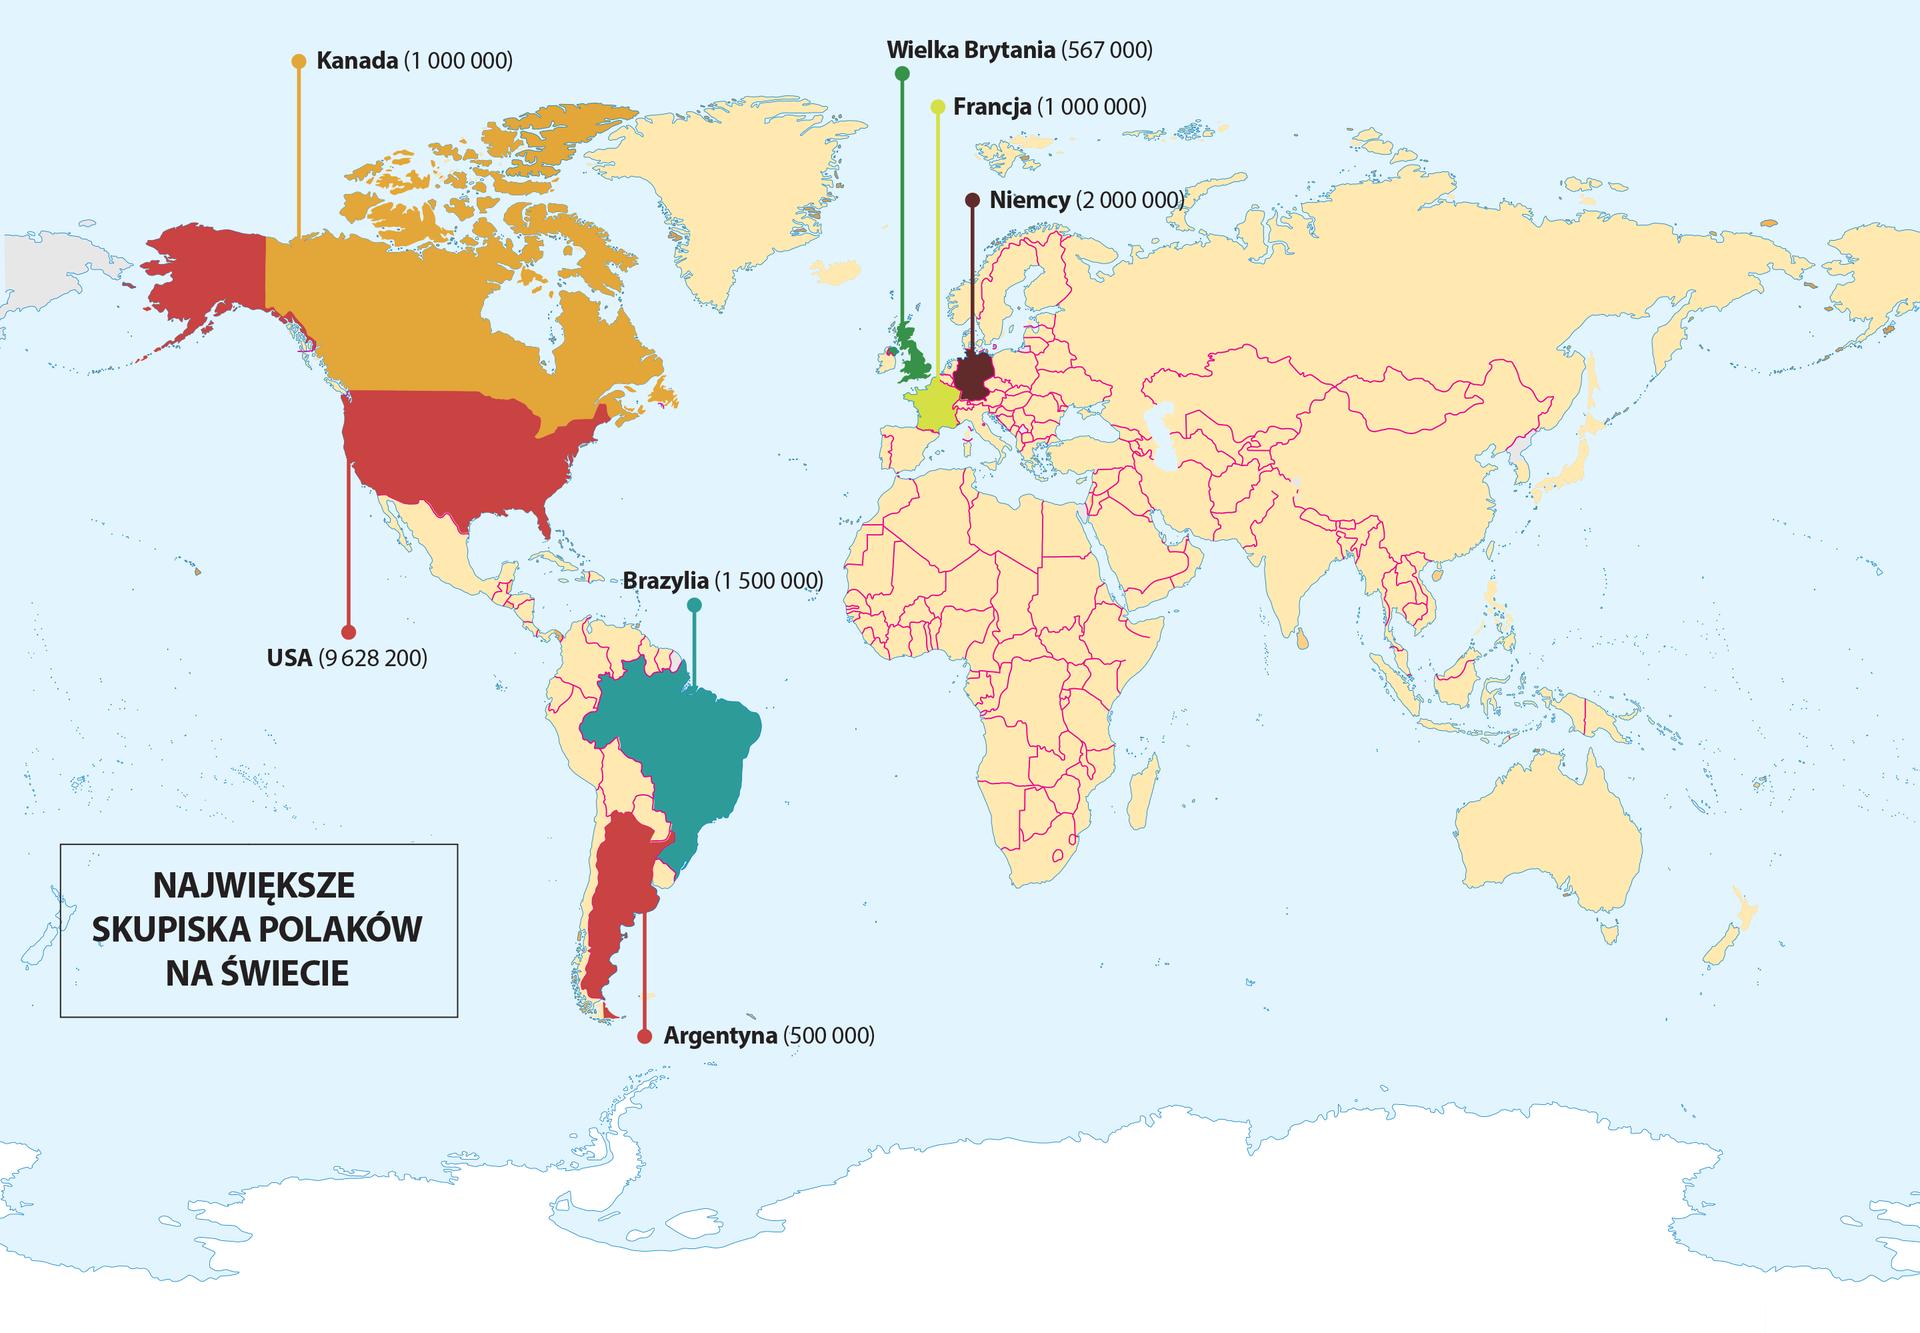 skupiska polaków na świecie Źródło: Contentplus.pl sp. zo.o., licencja: CC BY 3.0.